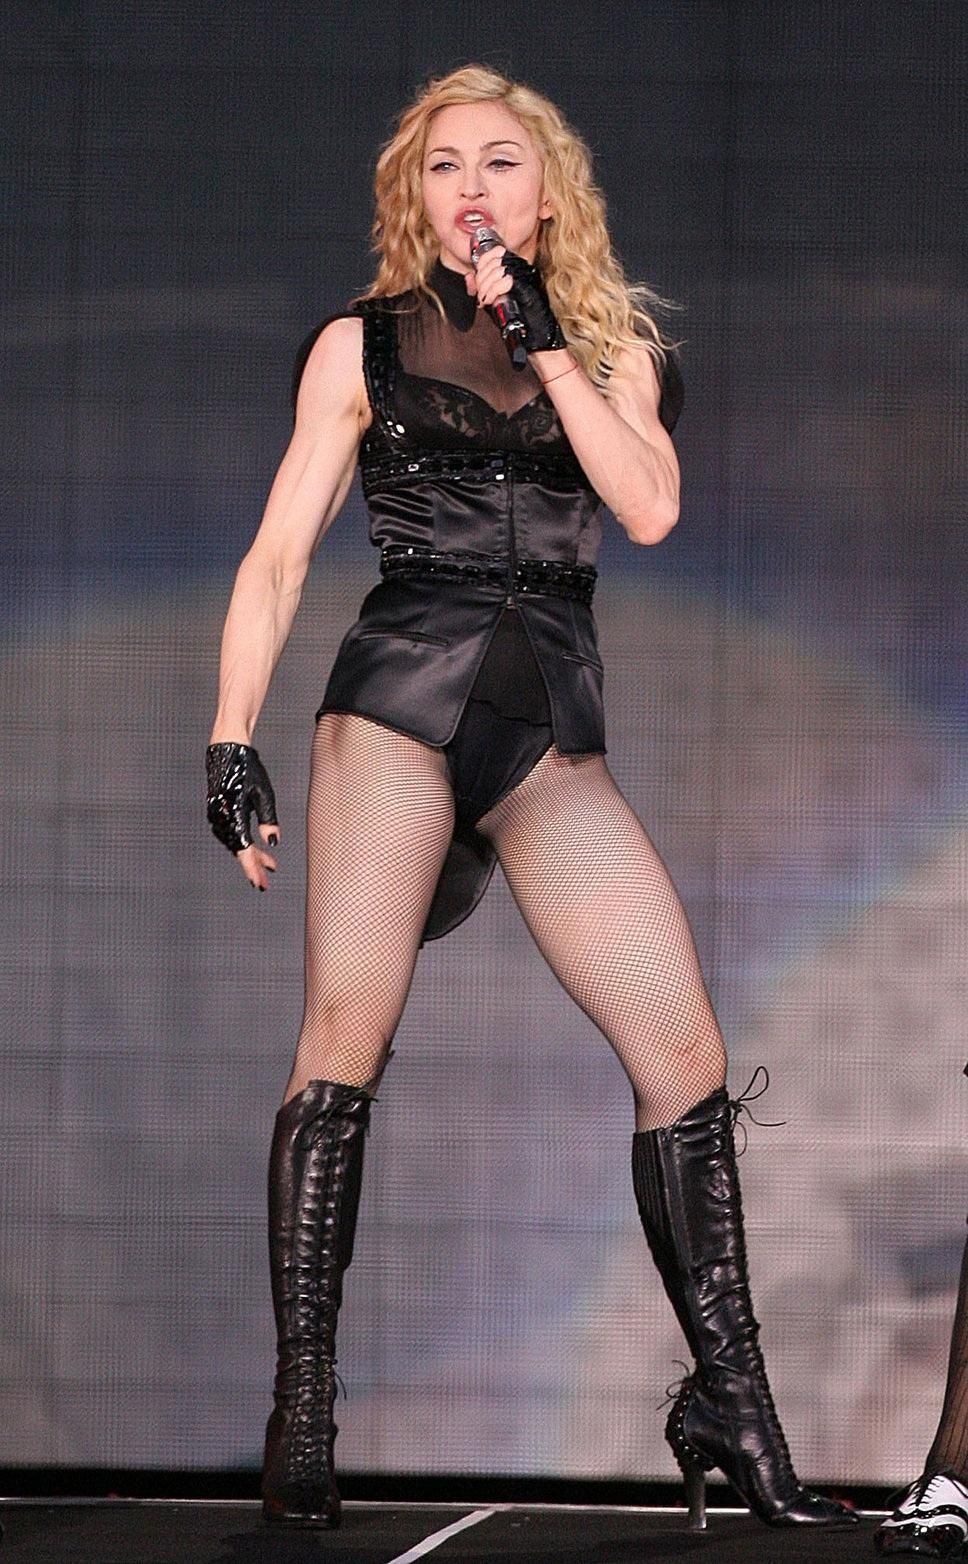 Madonna sexy photos nude (29 photos), Boobs Celebrites photos